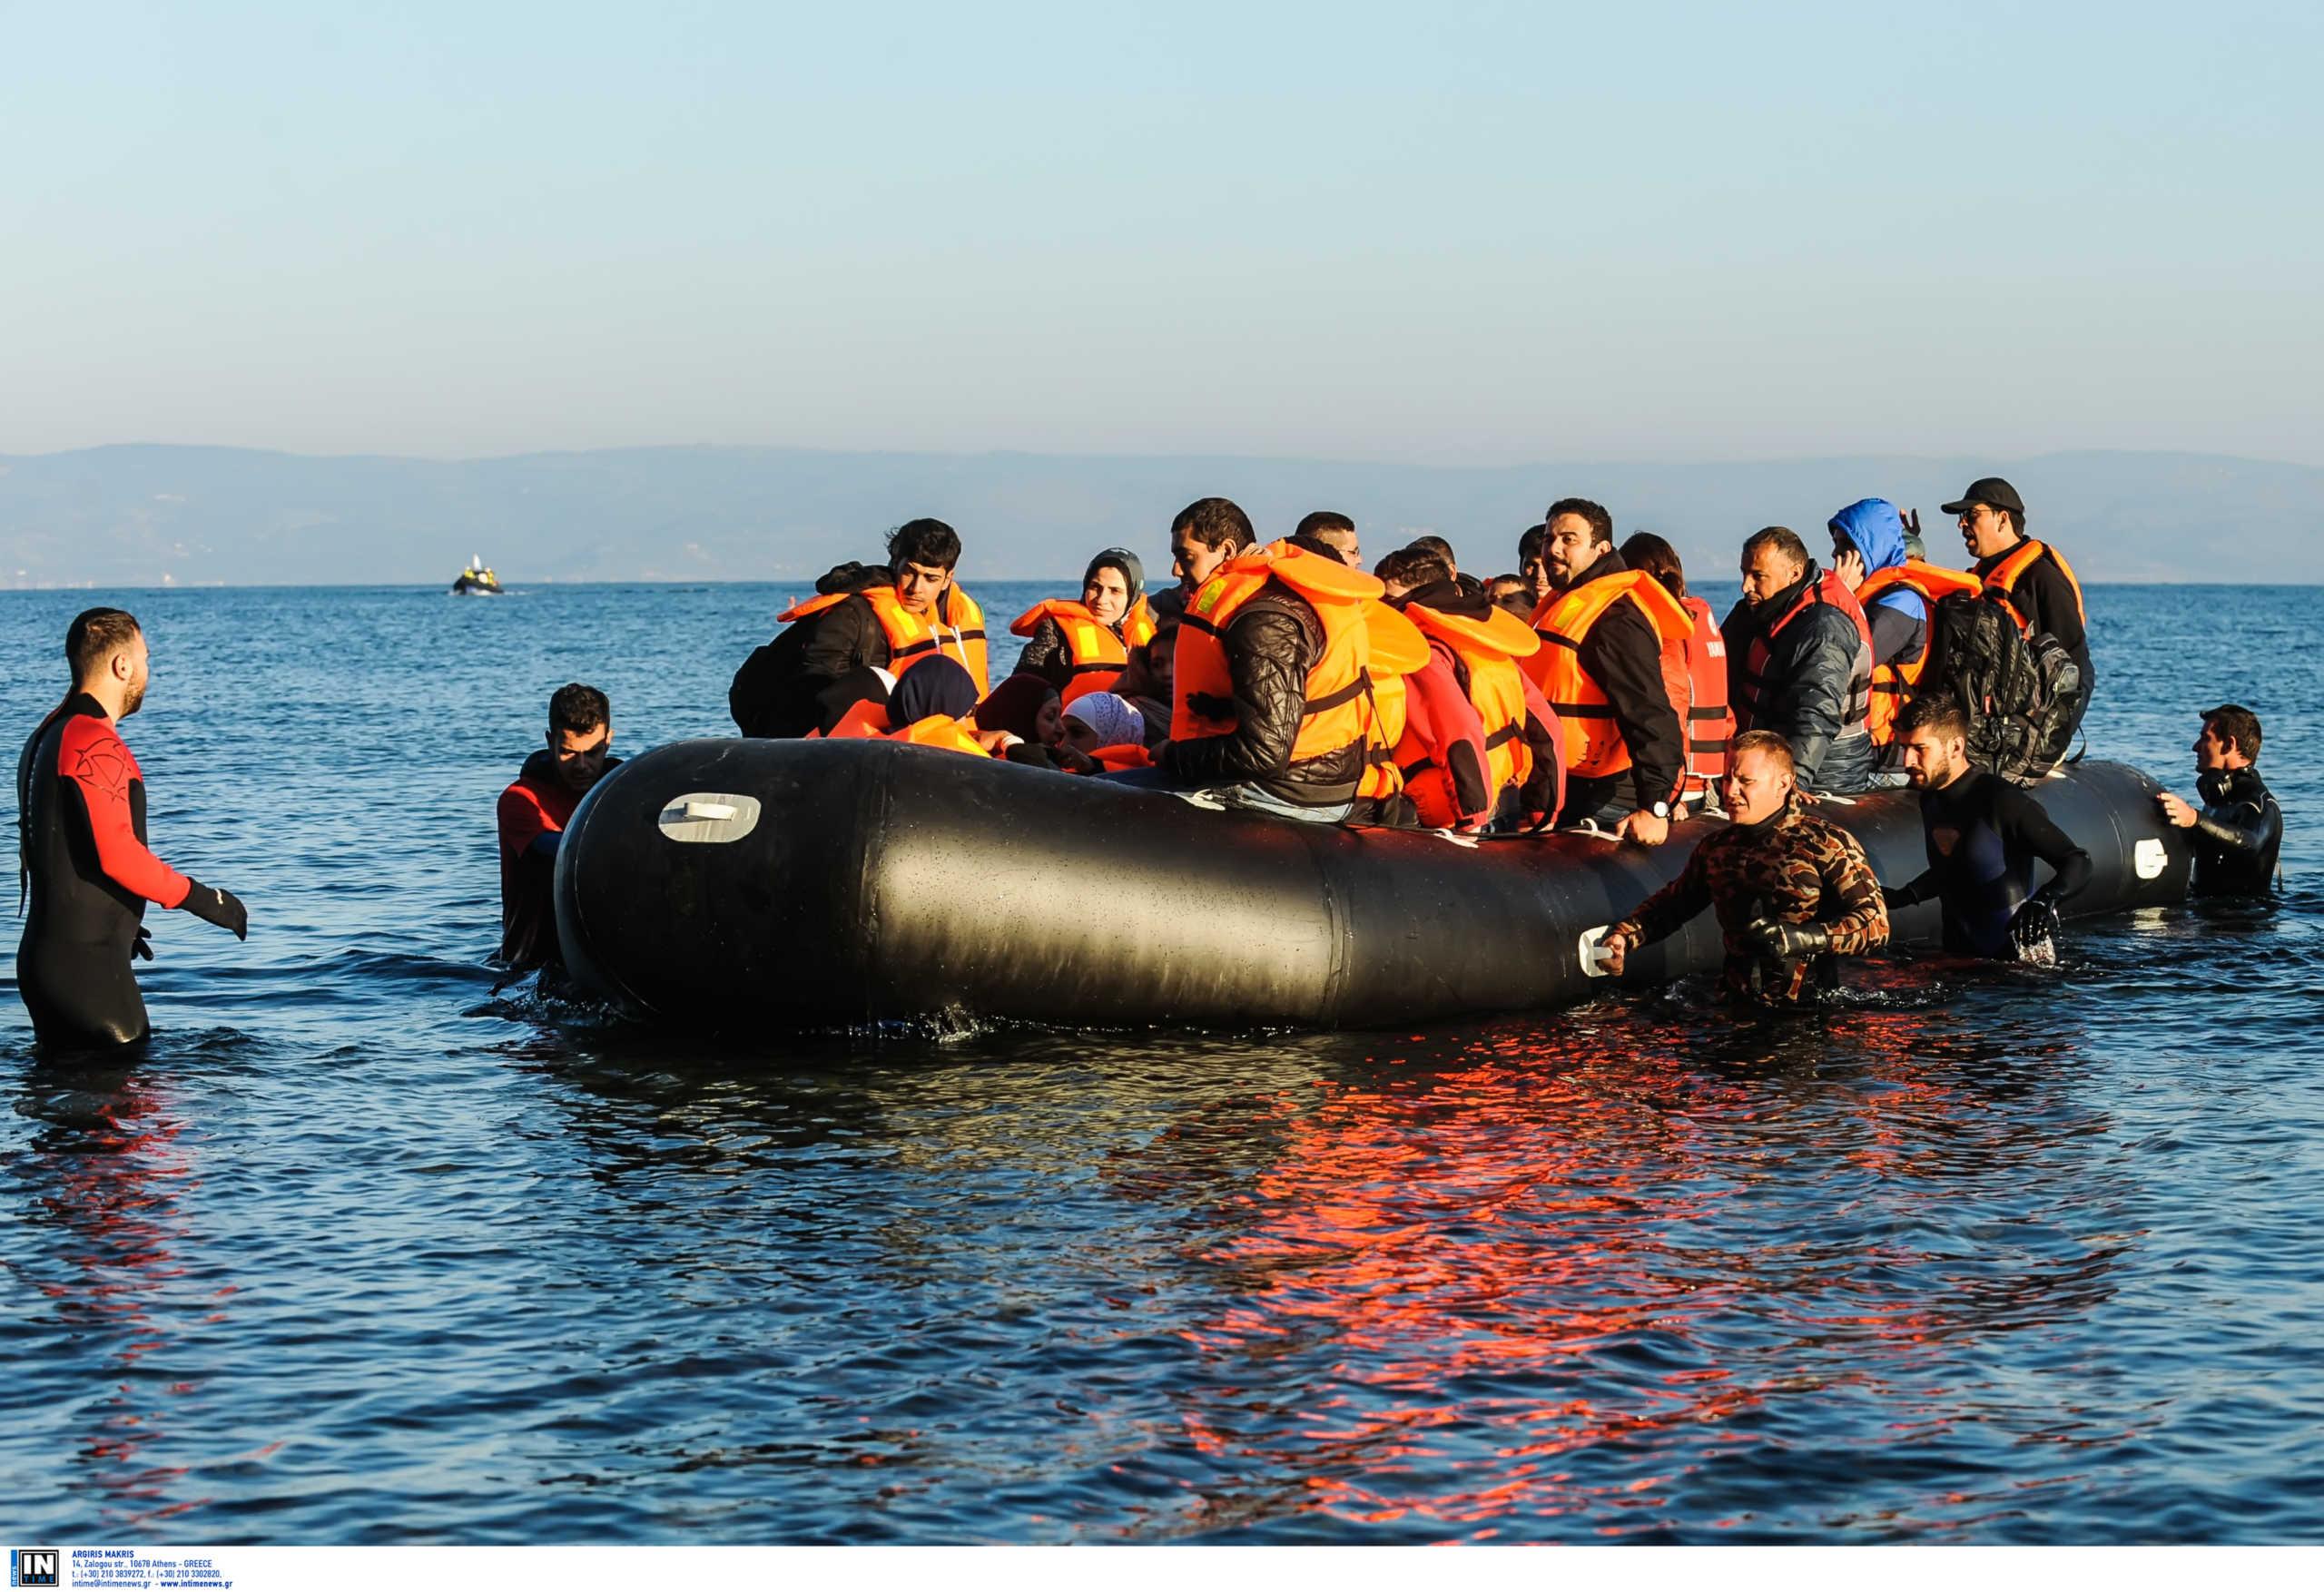 Μυτιλήνη: Αποκαλύφθηκε κύκλωμα διακίνησης μεταναστών και κατασκοπείας – Εμπλέκονται 4 μέλη ΜΚΟ